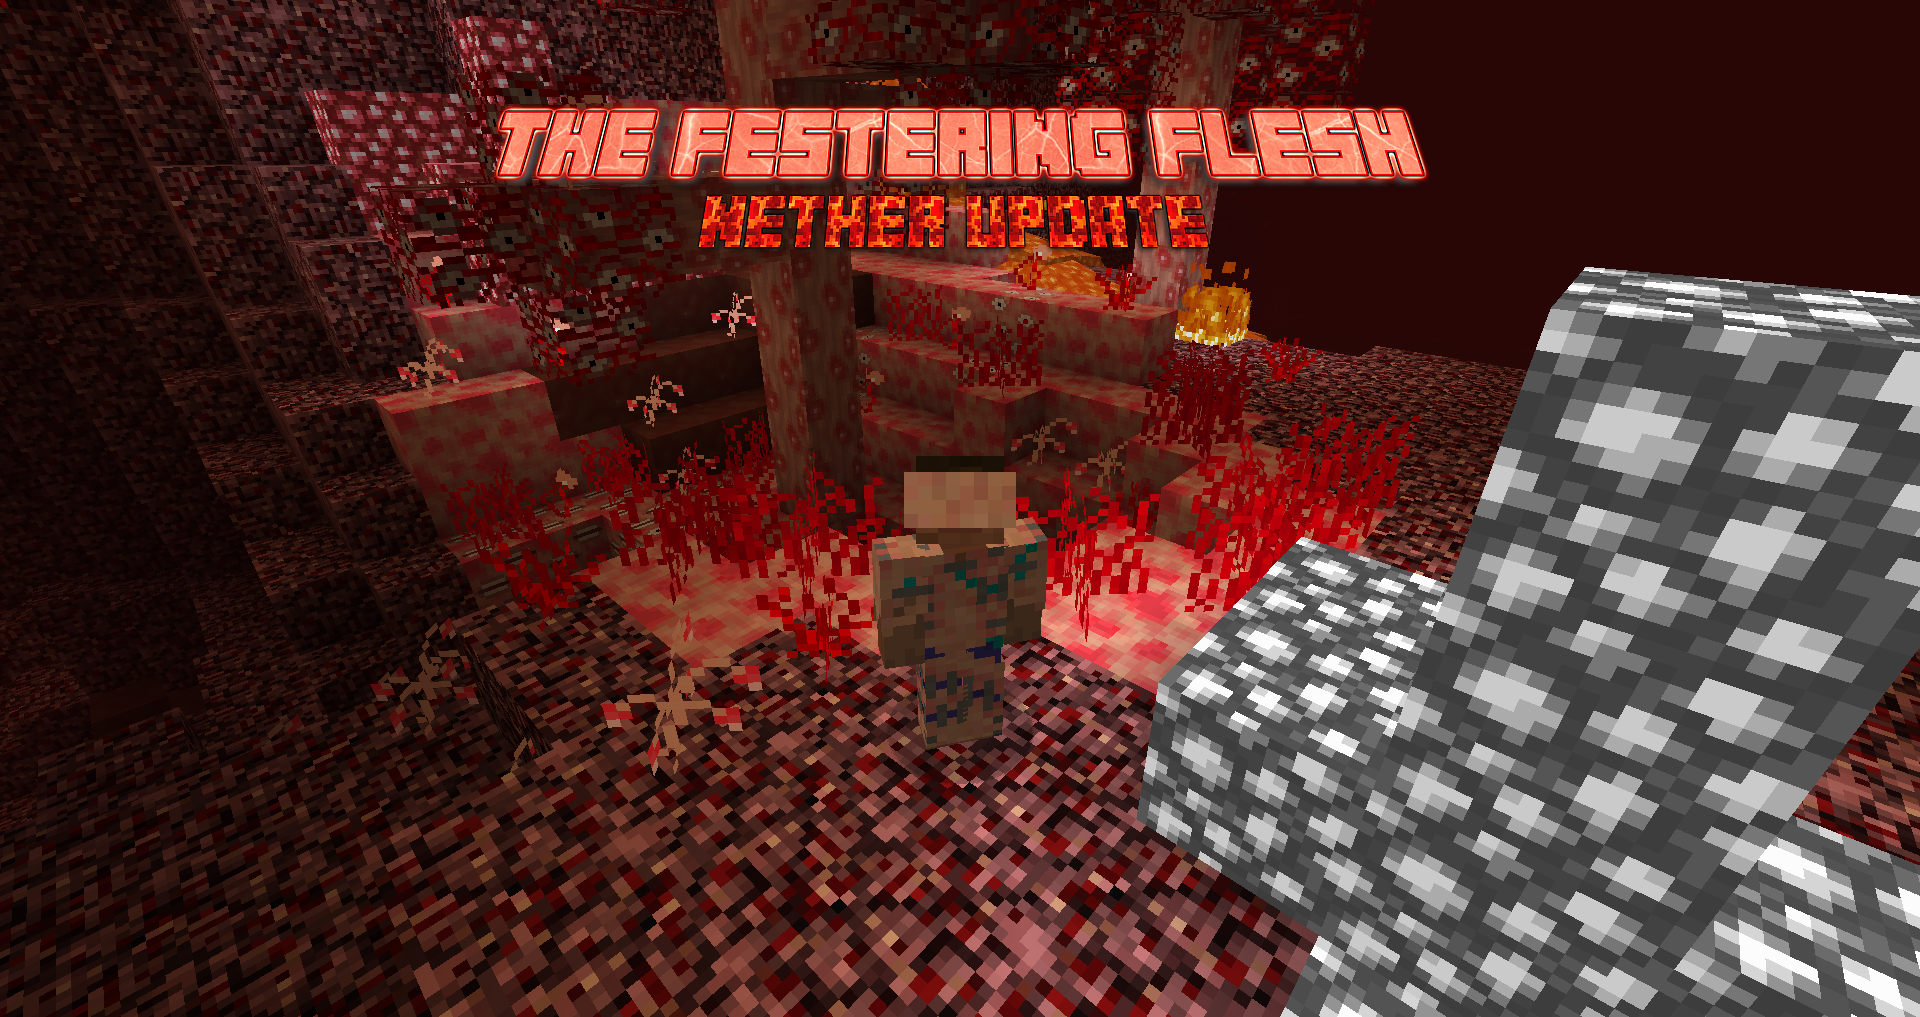 Festering Flesh Released